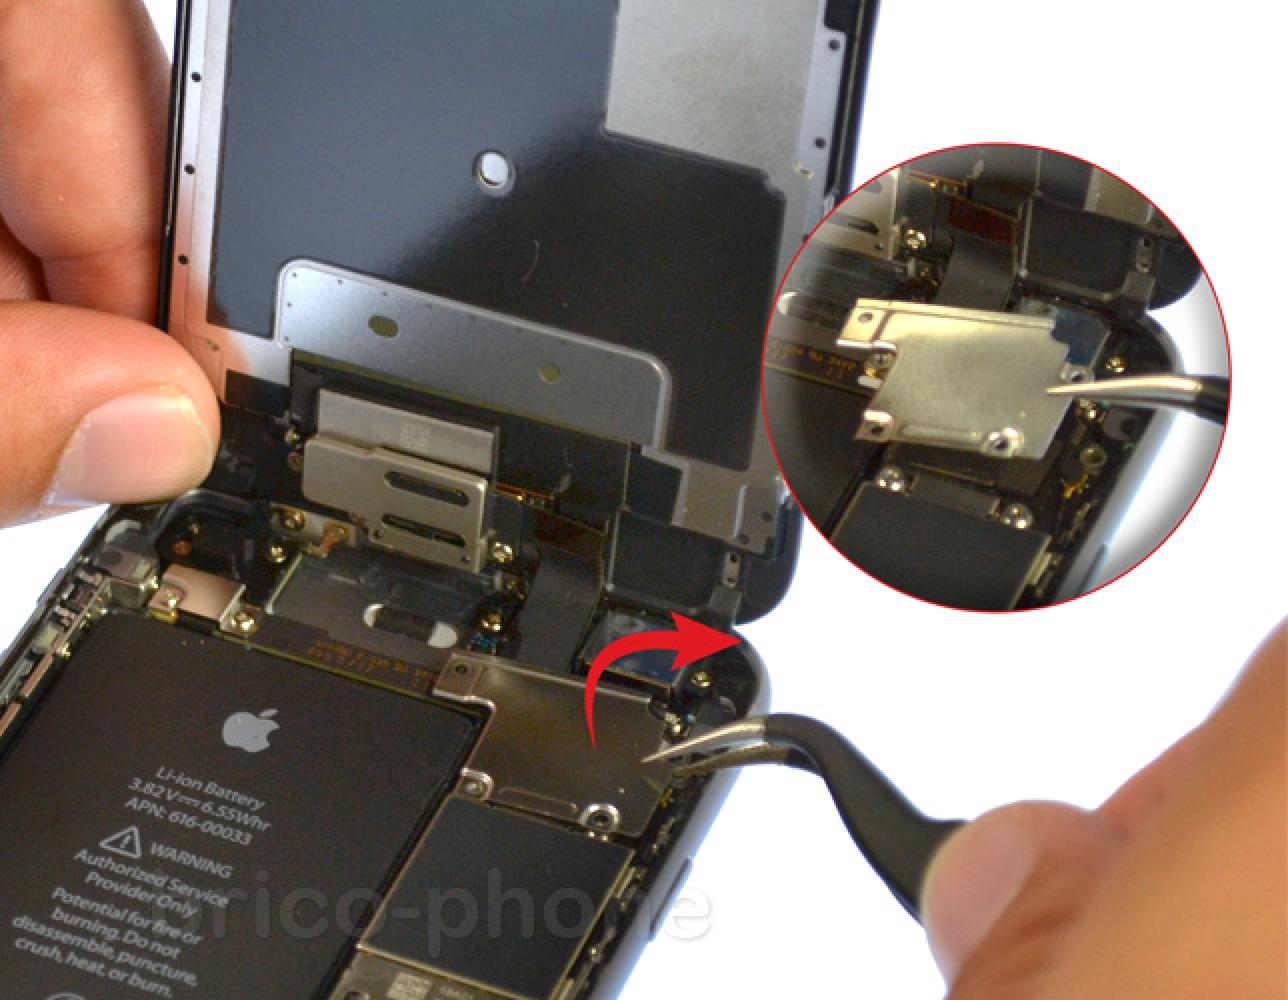 Etape 5 : Retirer la plaquette de protection des nappes de l'écran